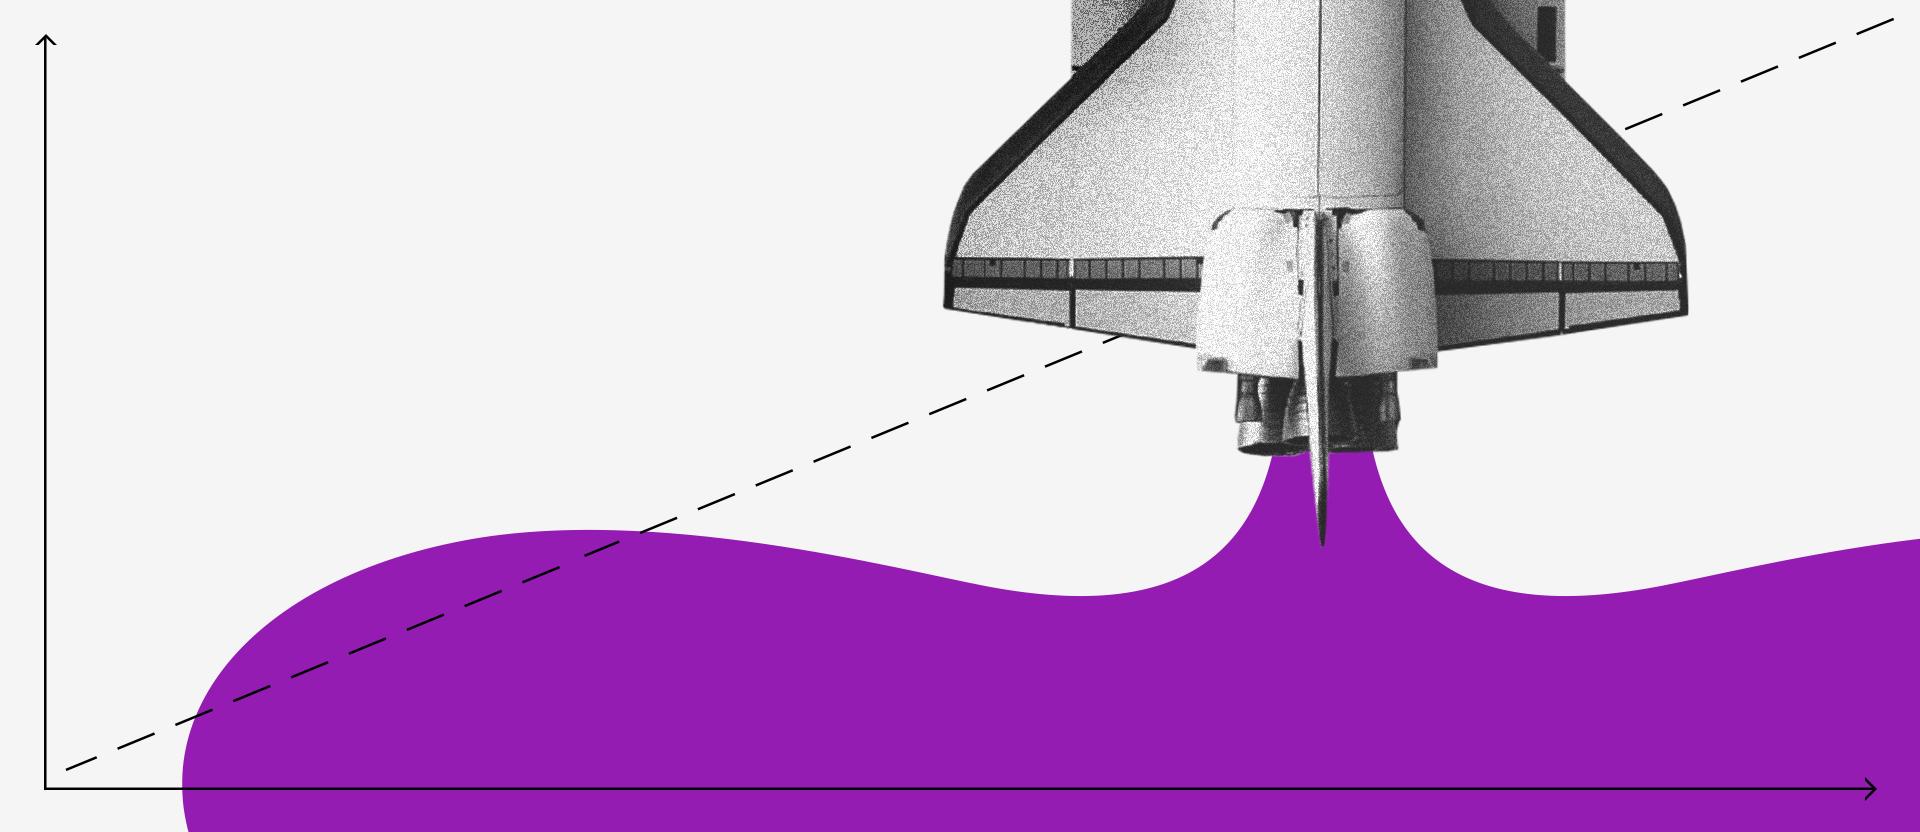 Colagem de um foguete partindo para cima. Da turbina sai uma mancha roxa que se espalha através de um gráfico com eixos x e y